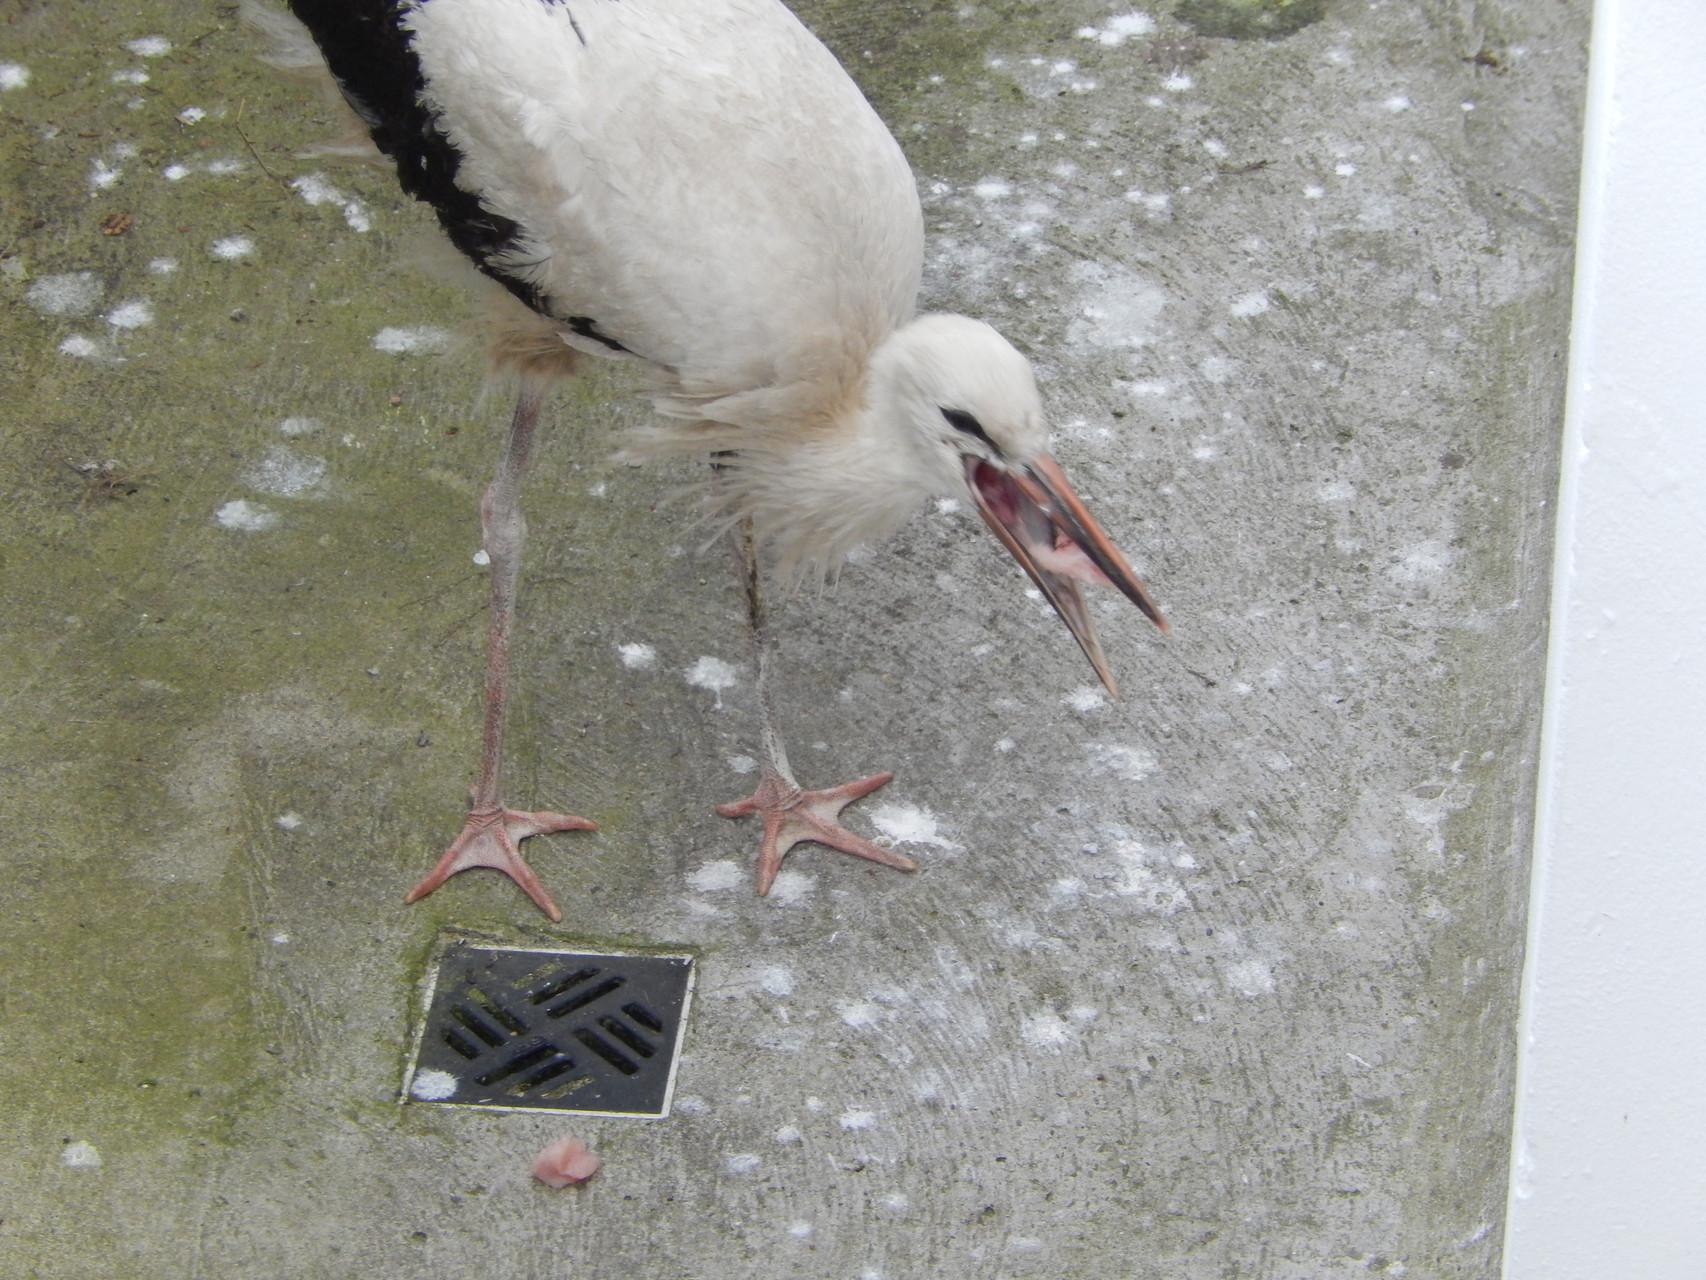 gefüttert: in Obhut wurde 2T642 mit Hähnchenfleisch versorgt